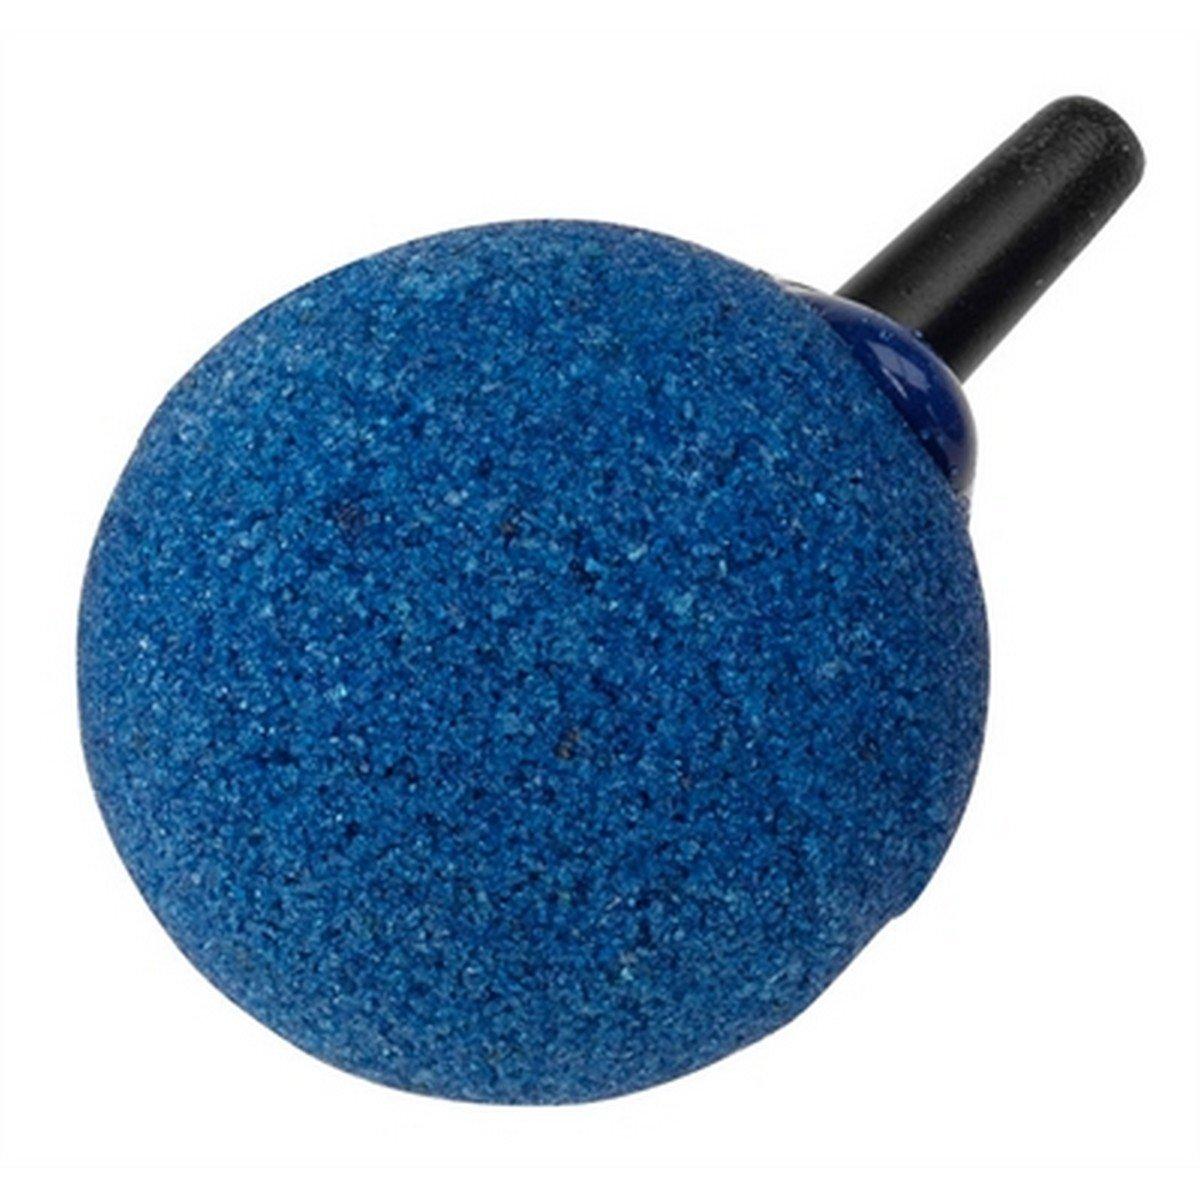 Afbeelding van Ebi Bol uitstroomsteen Blauw 3cm